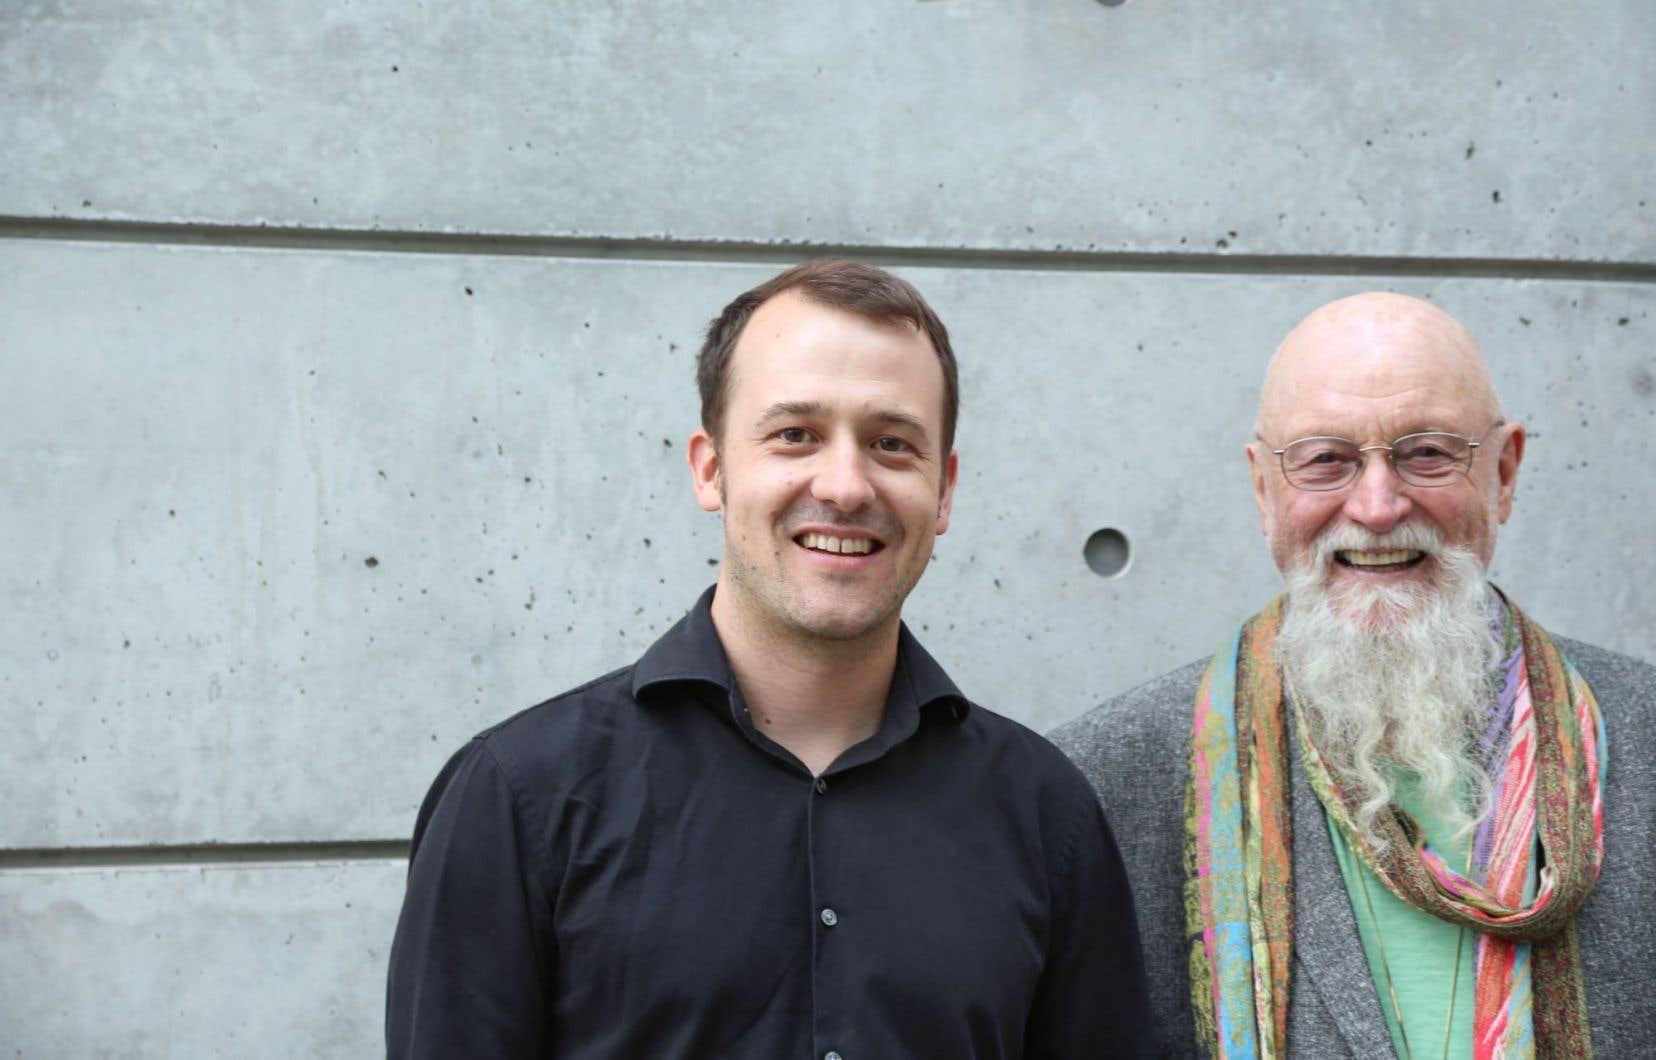 À Victoriaville, Terry Riley sera accompagné sur scène de son fils, Gyan, avec qui il a une relation musicale très intuitive.